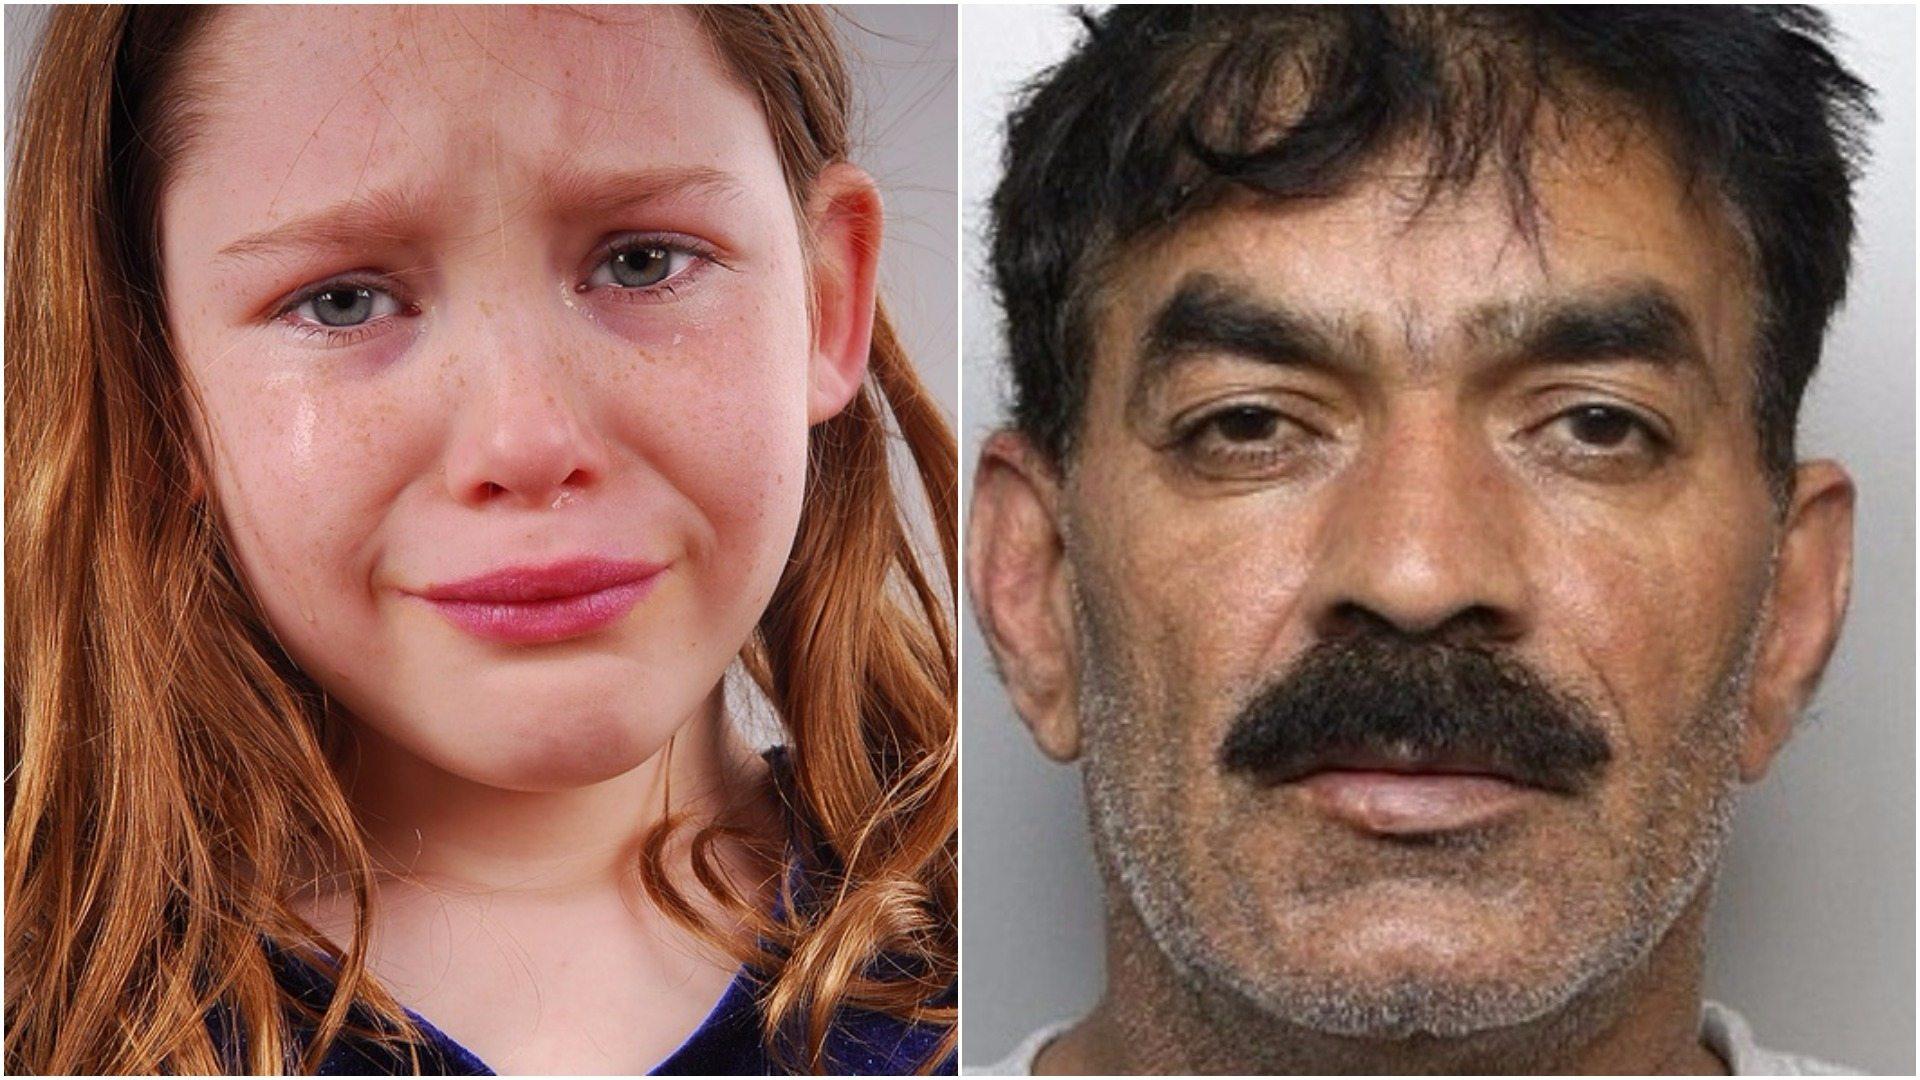 Horror 13-letniej Polki: Imigrant porwał ją, zgwałcił i... oświadczył się